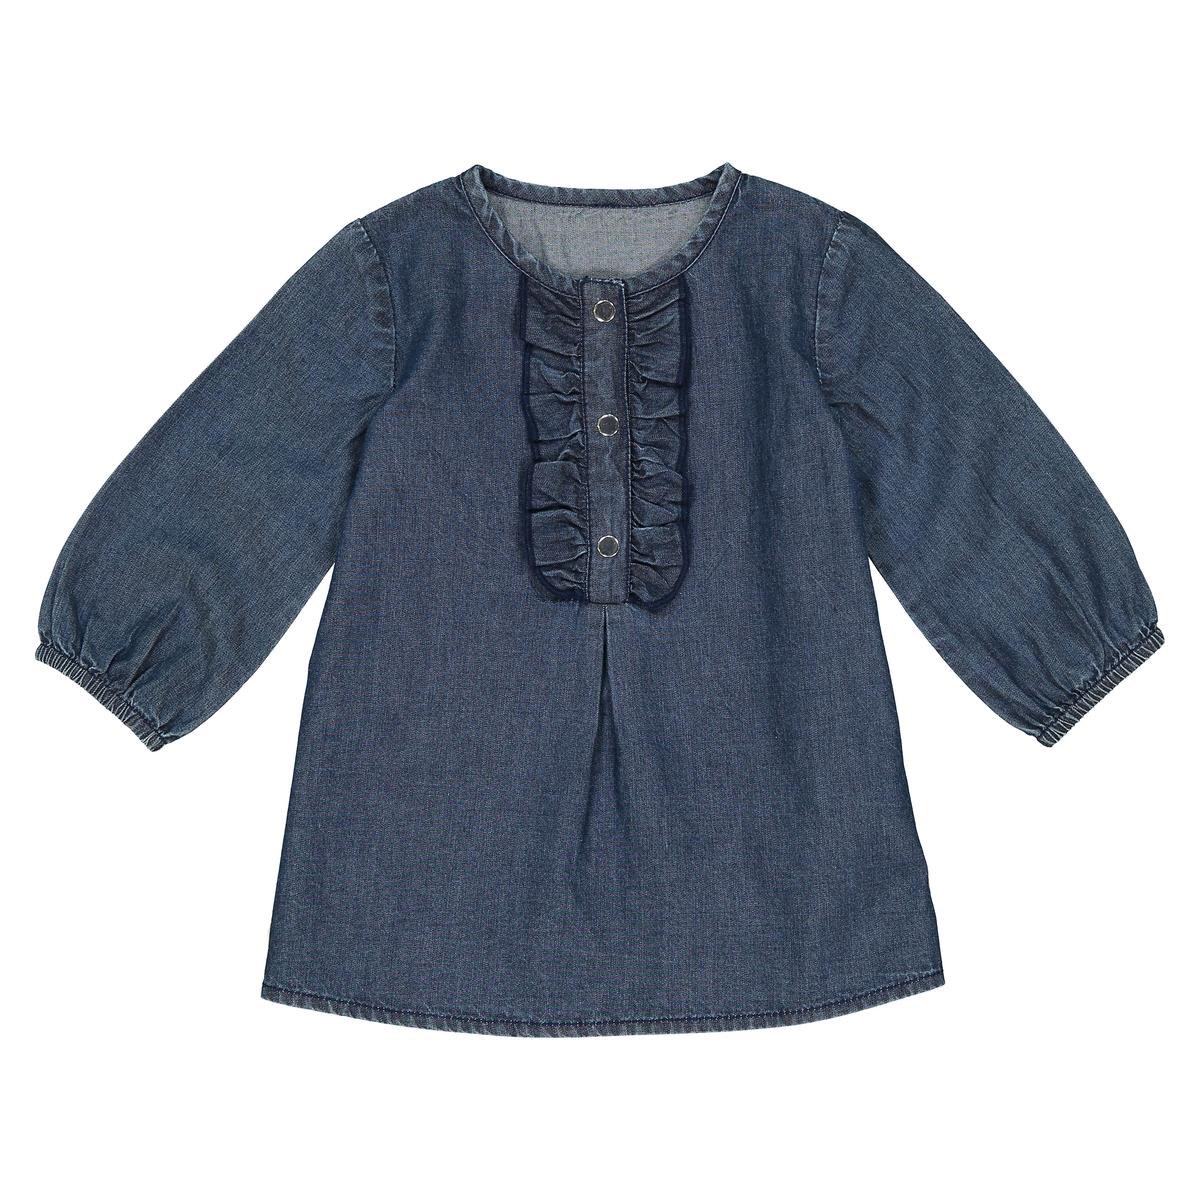 Платье из денима с длинными рукавами 1 мес - 3 лет футболка с длинными рукавами 1 мес 3 лет